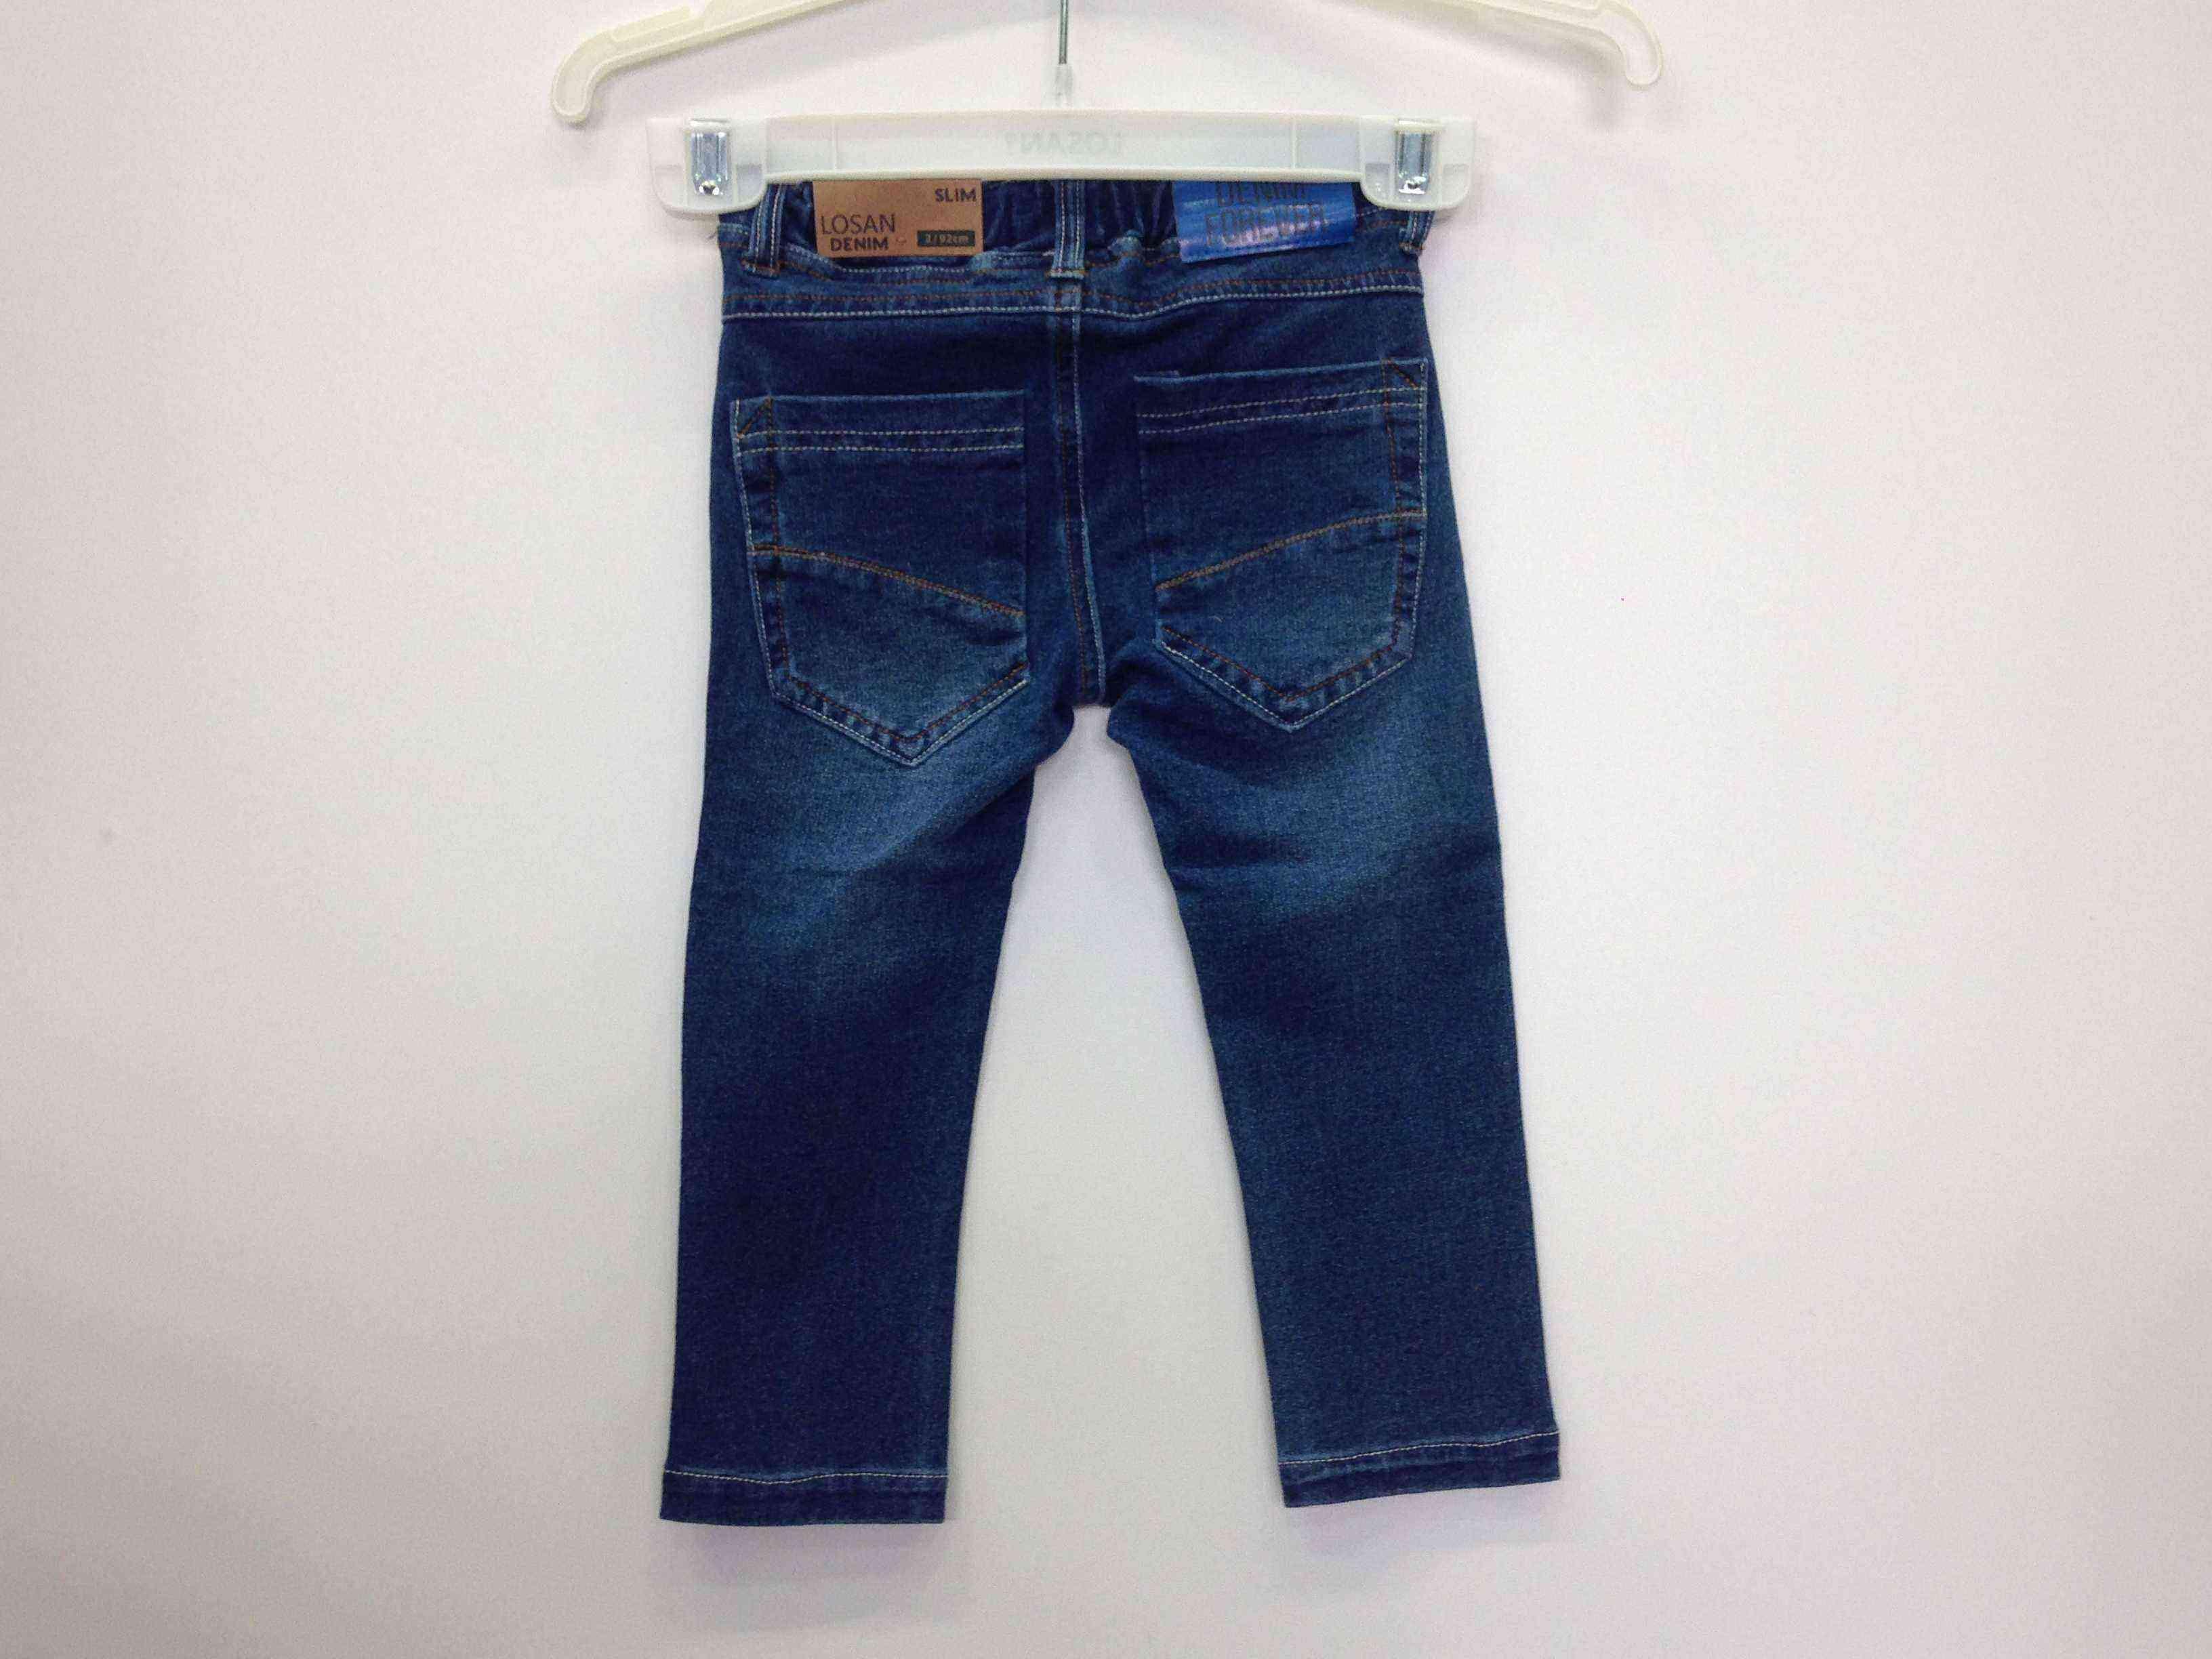 829fec3e63e LOSAN Παντελόνι τζιν, μαλακό με λάστιχο στη μέση & κορδόνι